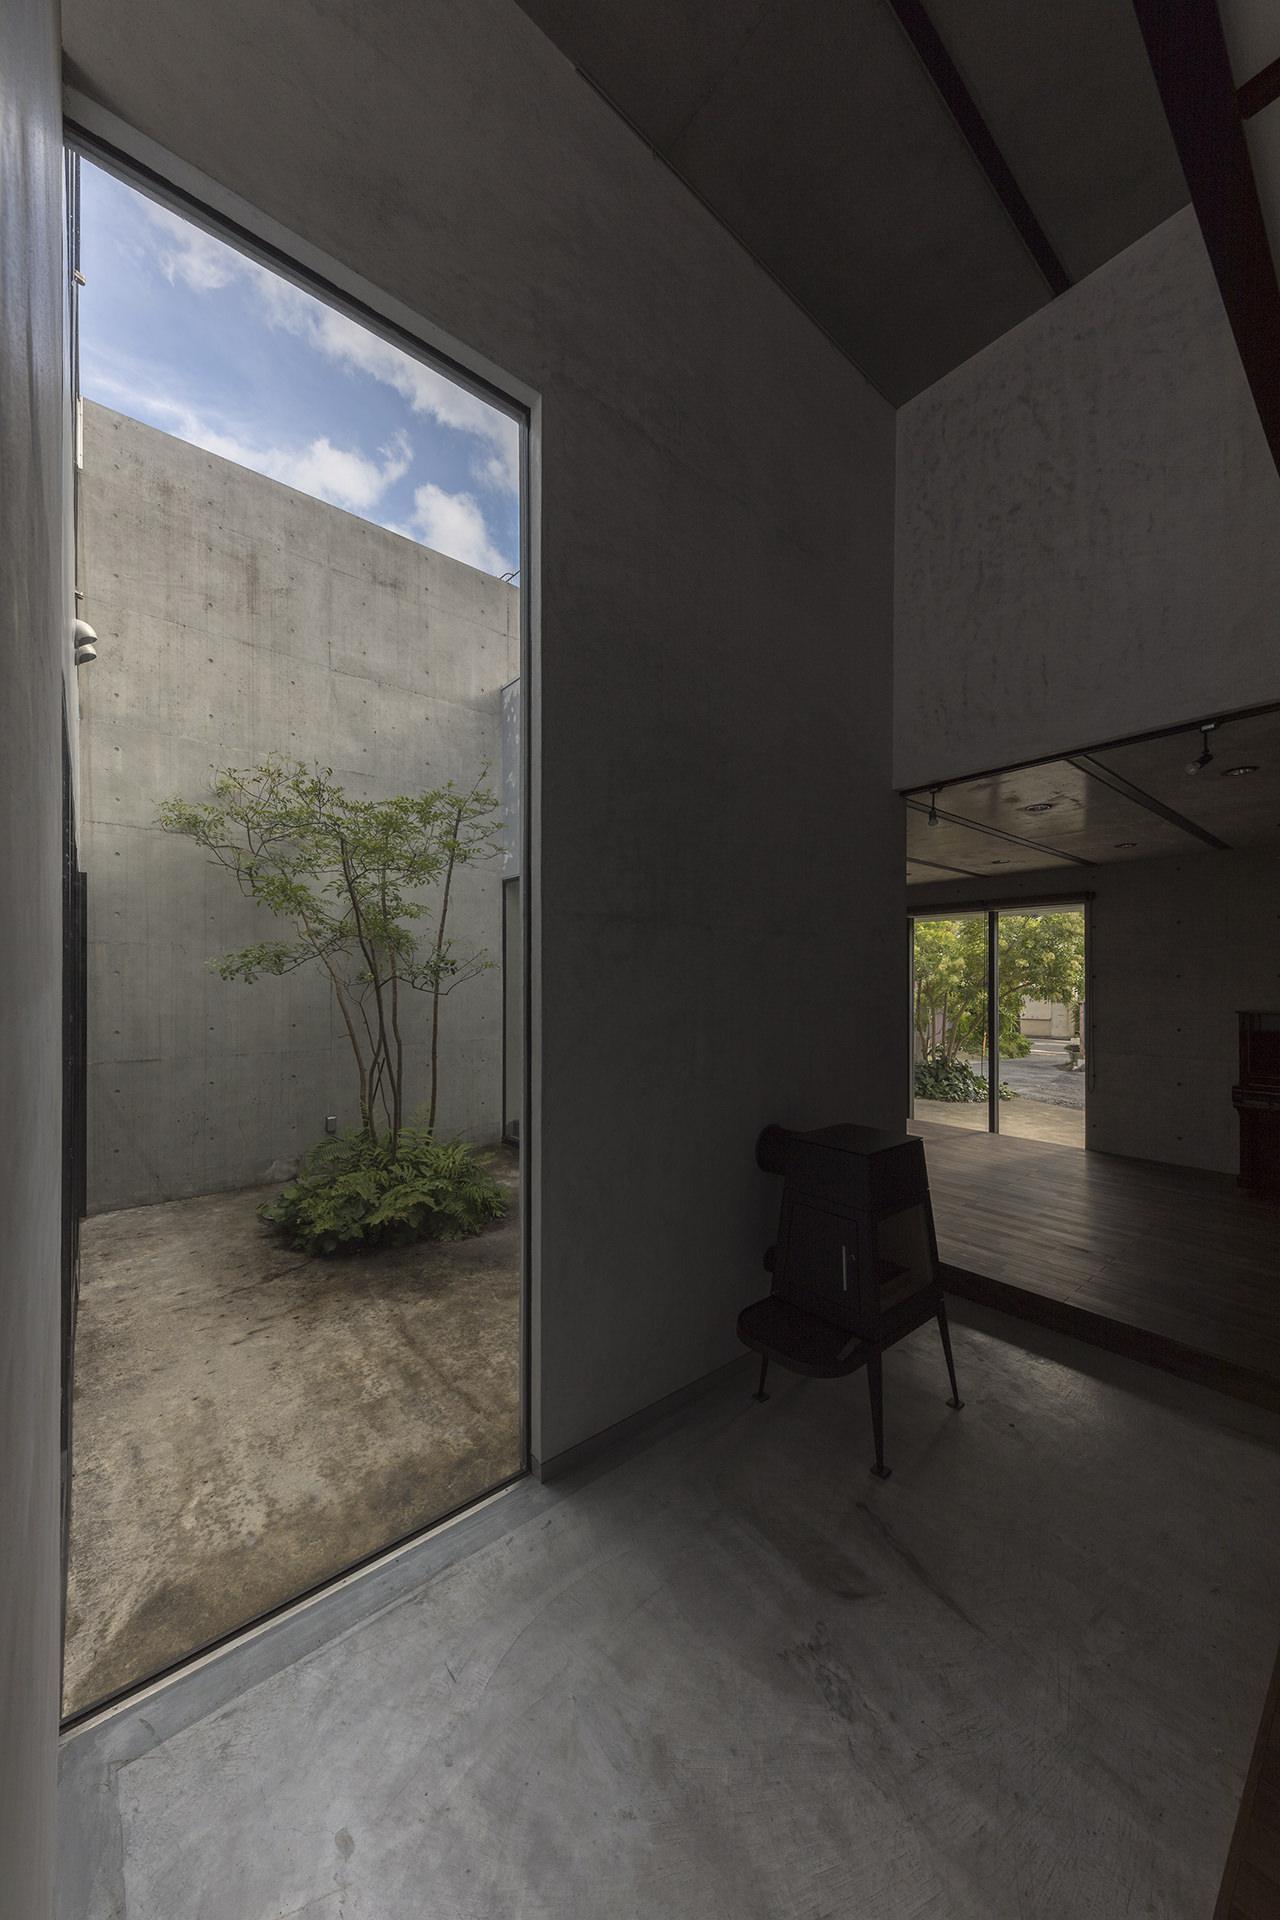 北鎌倉の家 イメージ6 撮影:東涌写真事務所・東涌宏和